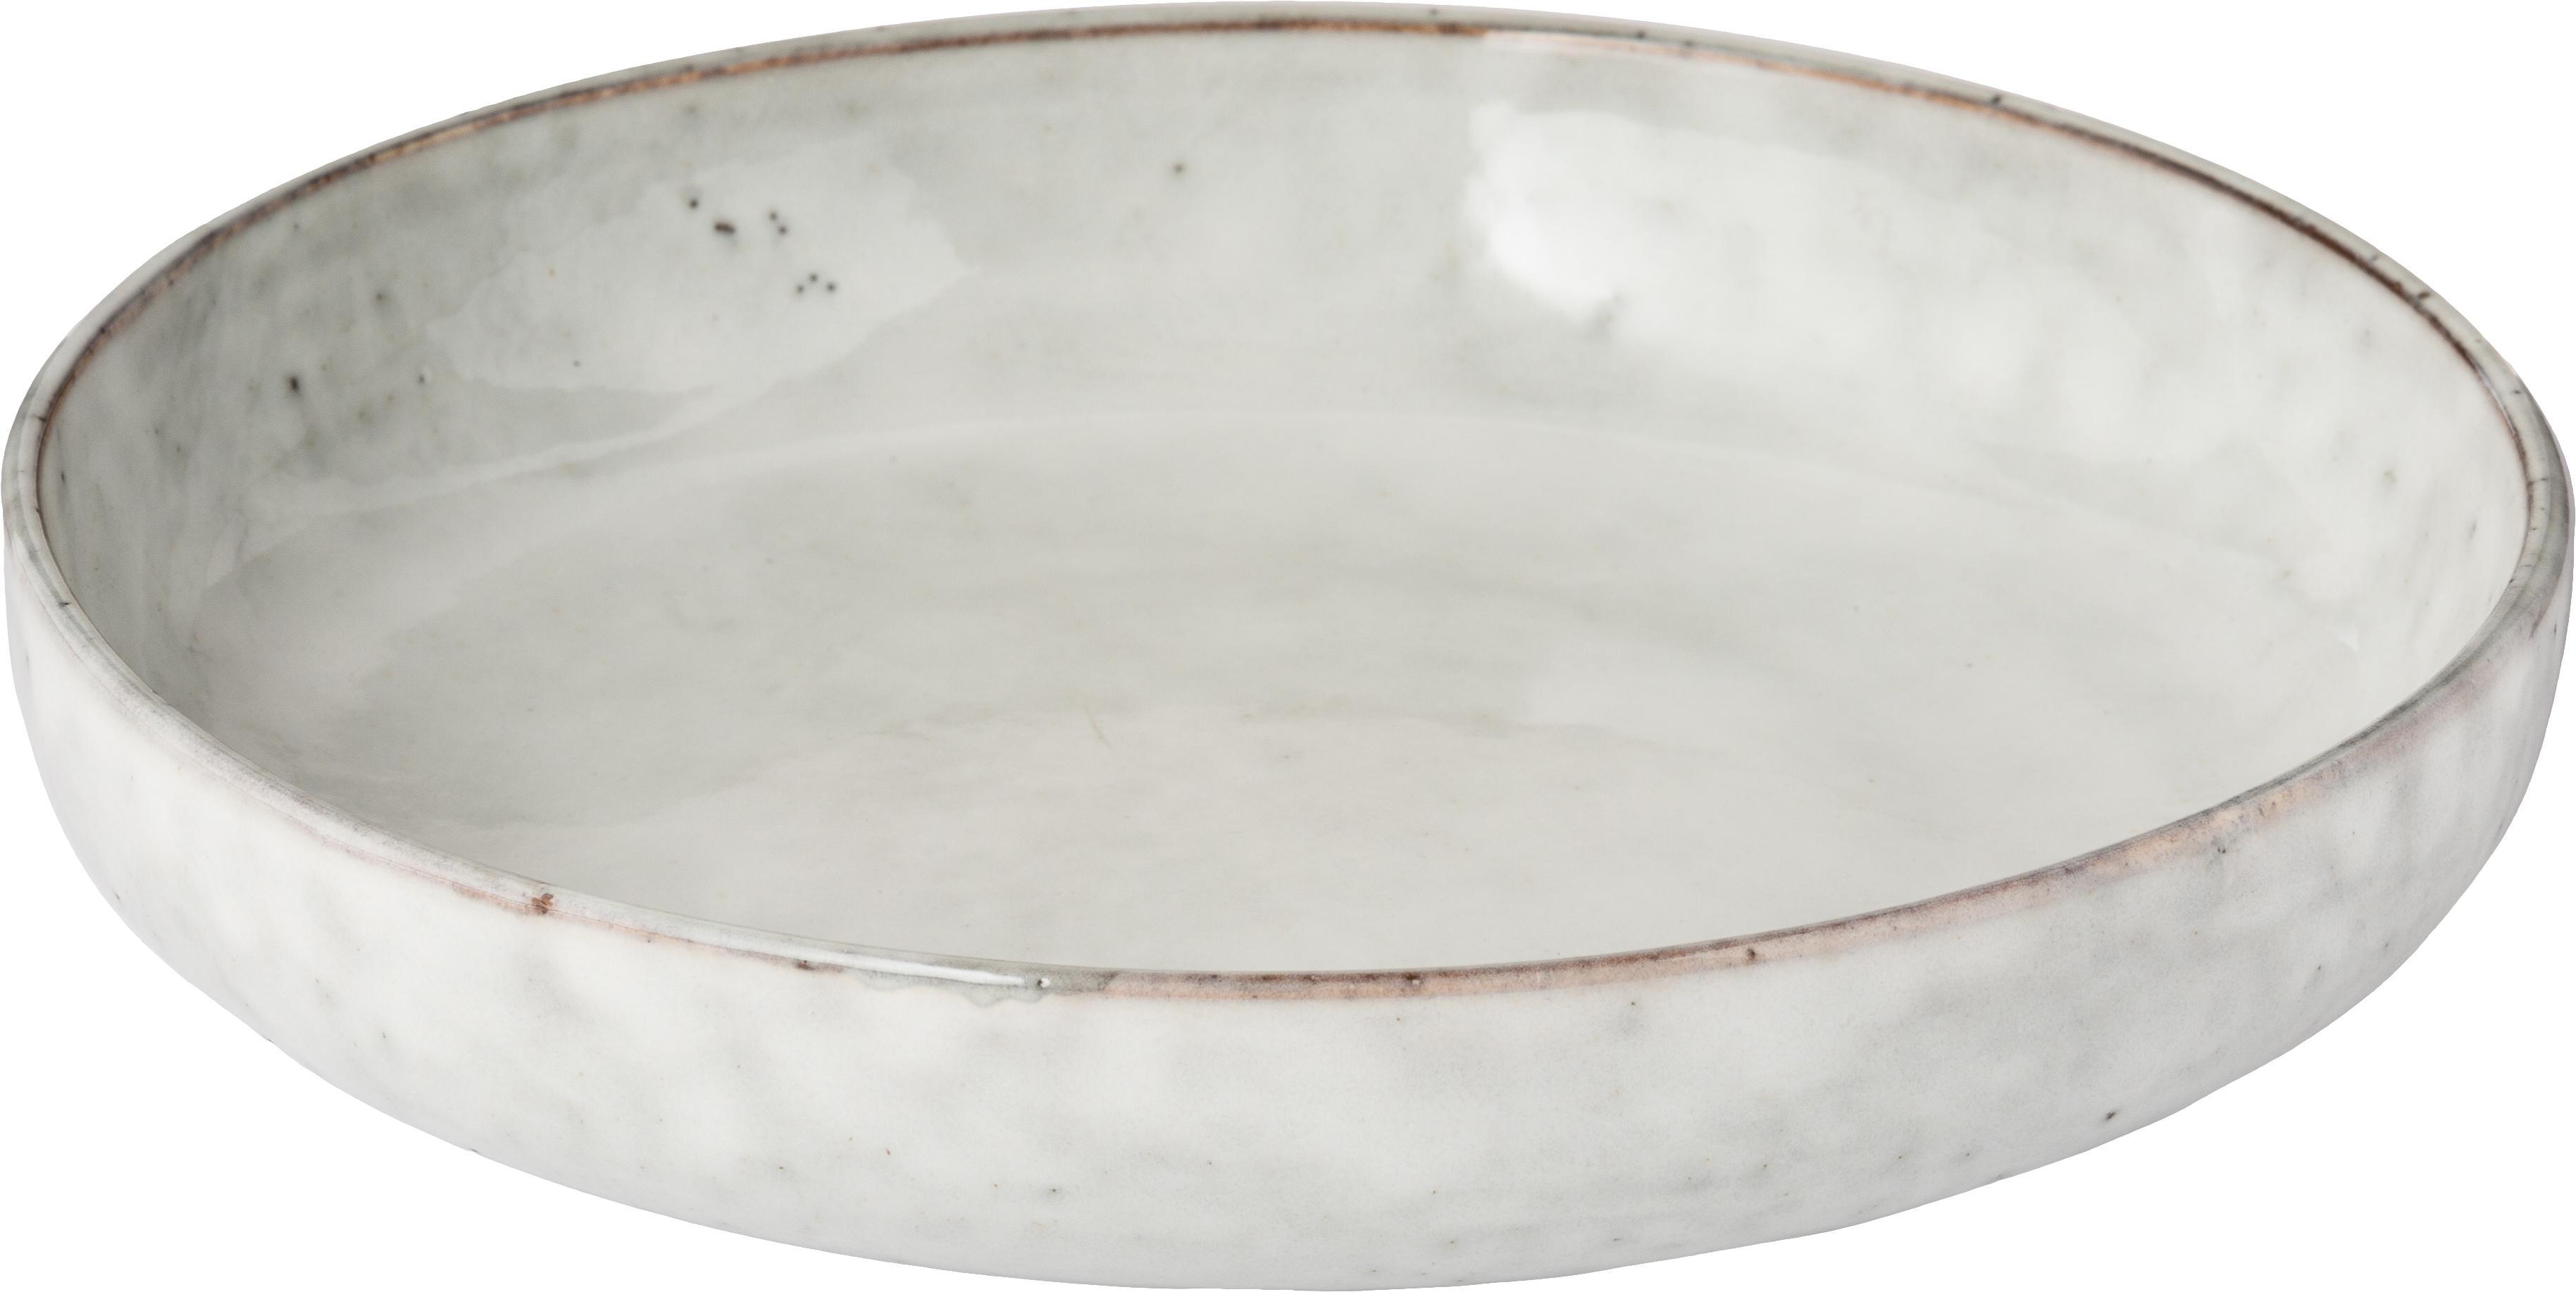 Handgemaakte schalen Nordic Sand, 4 stuks, Keramiek, Zandkleurig, Ø 22 x H 5 cm